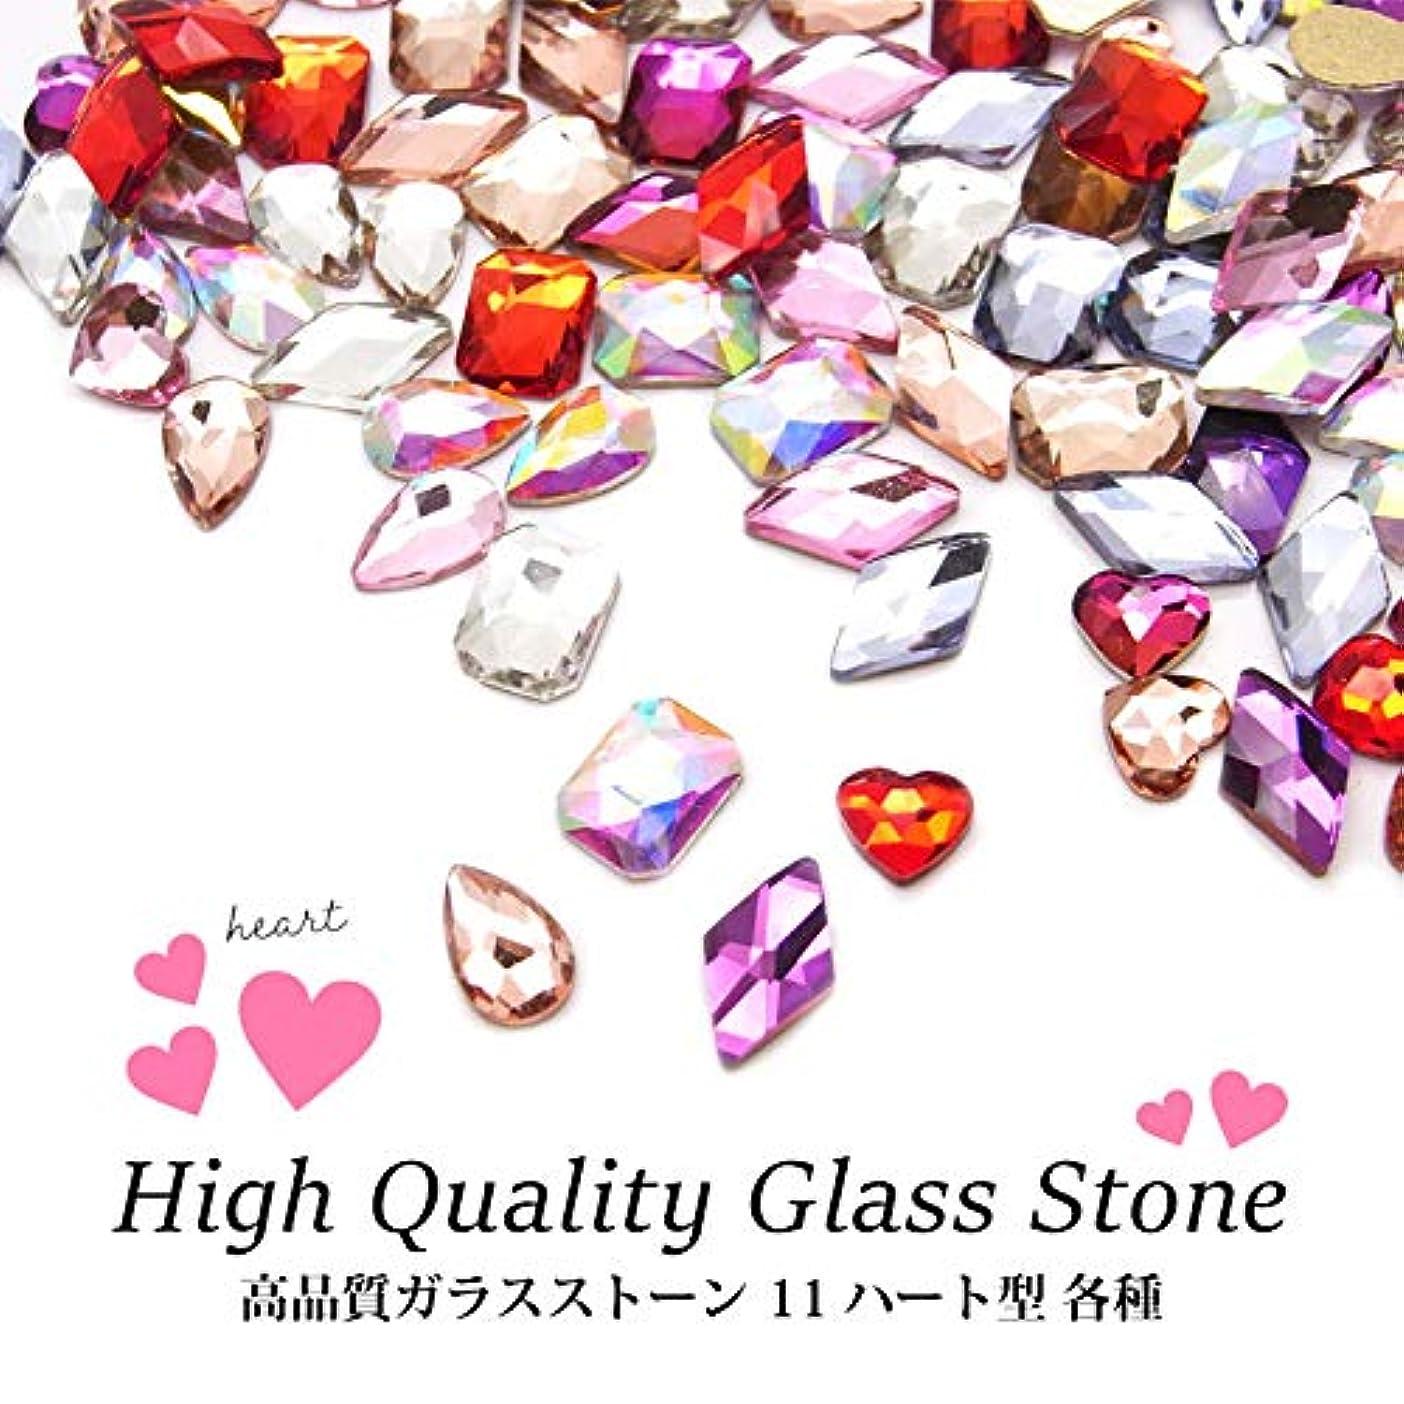 異議ステンレスステンレス高品質ガラスストーン 11 ハート型 各種 5個入り (3.ピーチ)